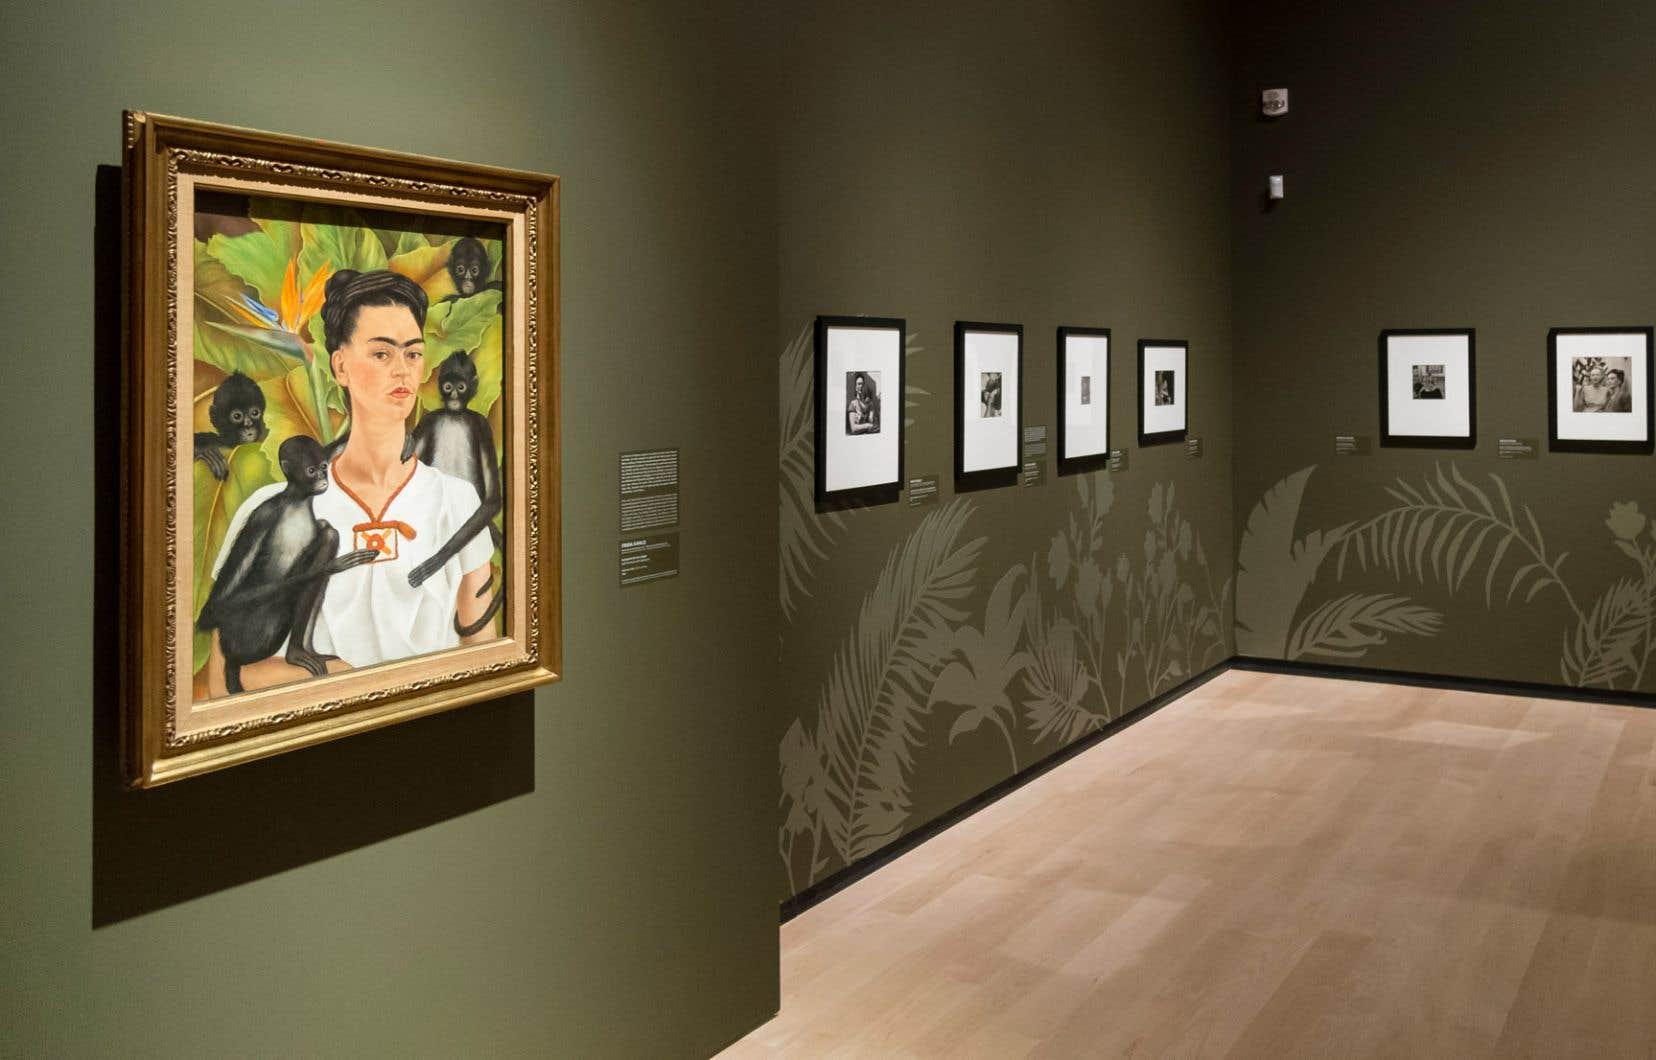 Toute cette collection (re)constitue une sorte de famille d'artistes — l'amitié réunissait beaucoup d'entre eux.